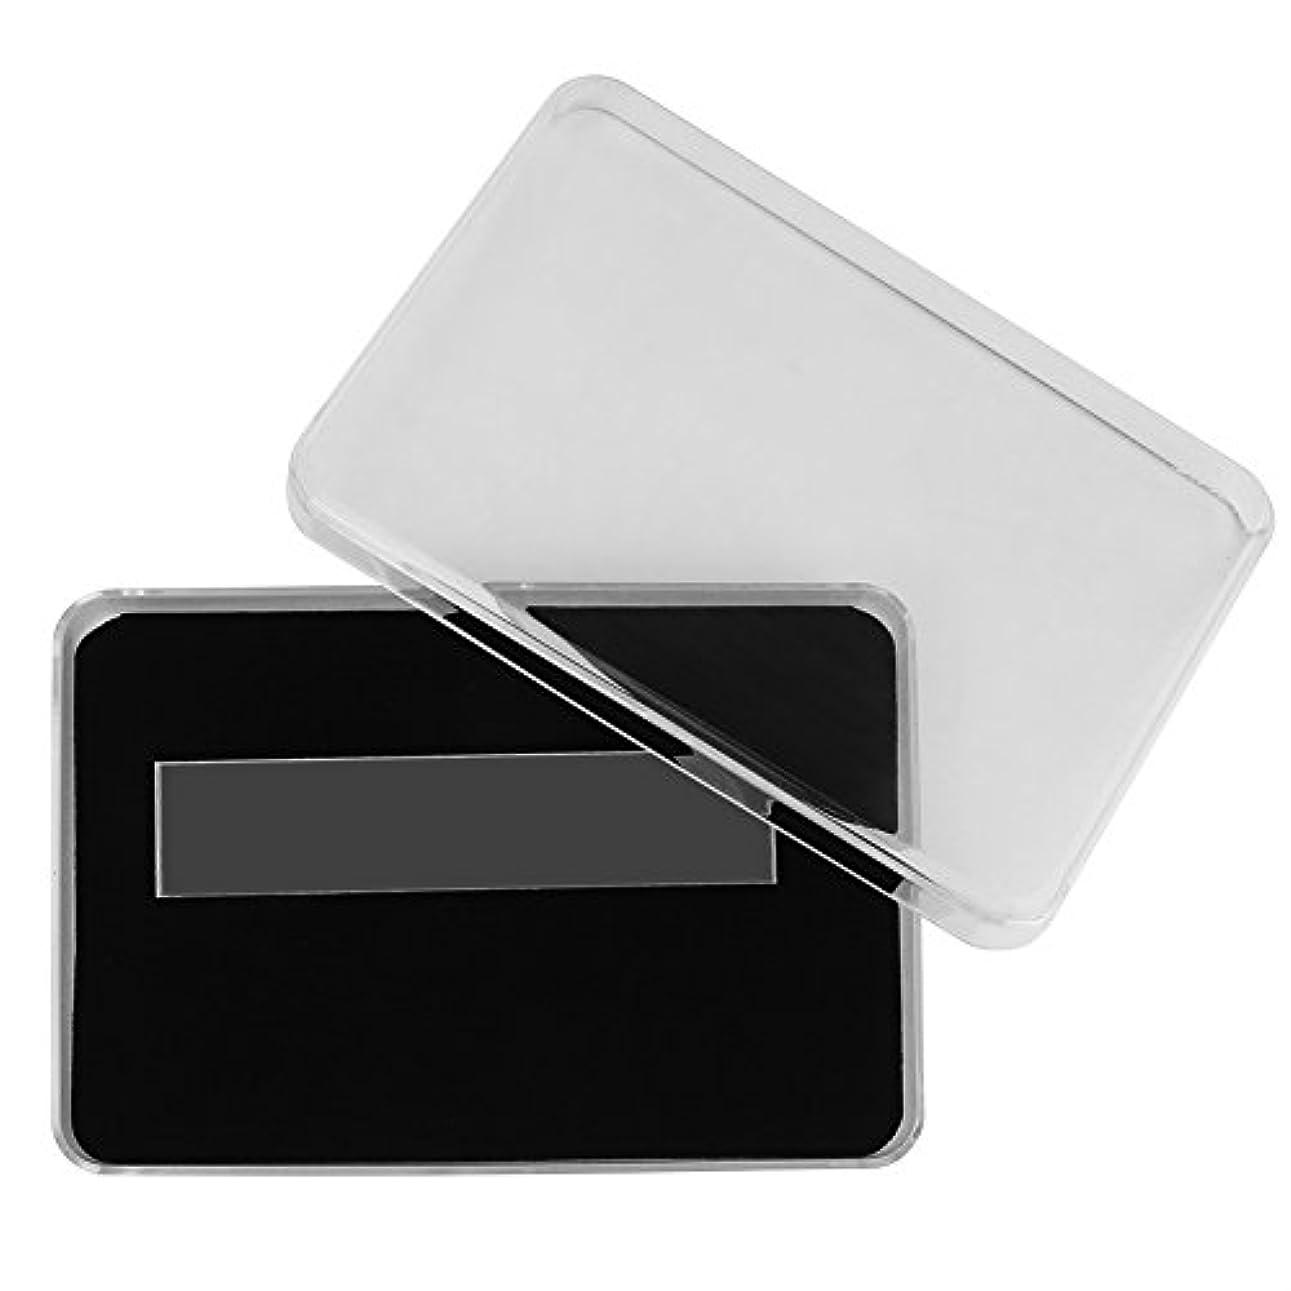 権限請求制裁ネイルアート収納ケース、ネイルポリッシュカラーディスプレイボックスネイルアート表示チャートコンテナマニキュア